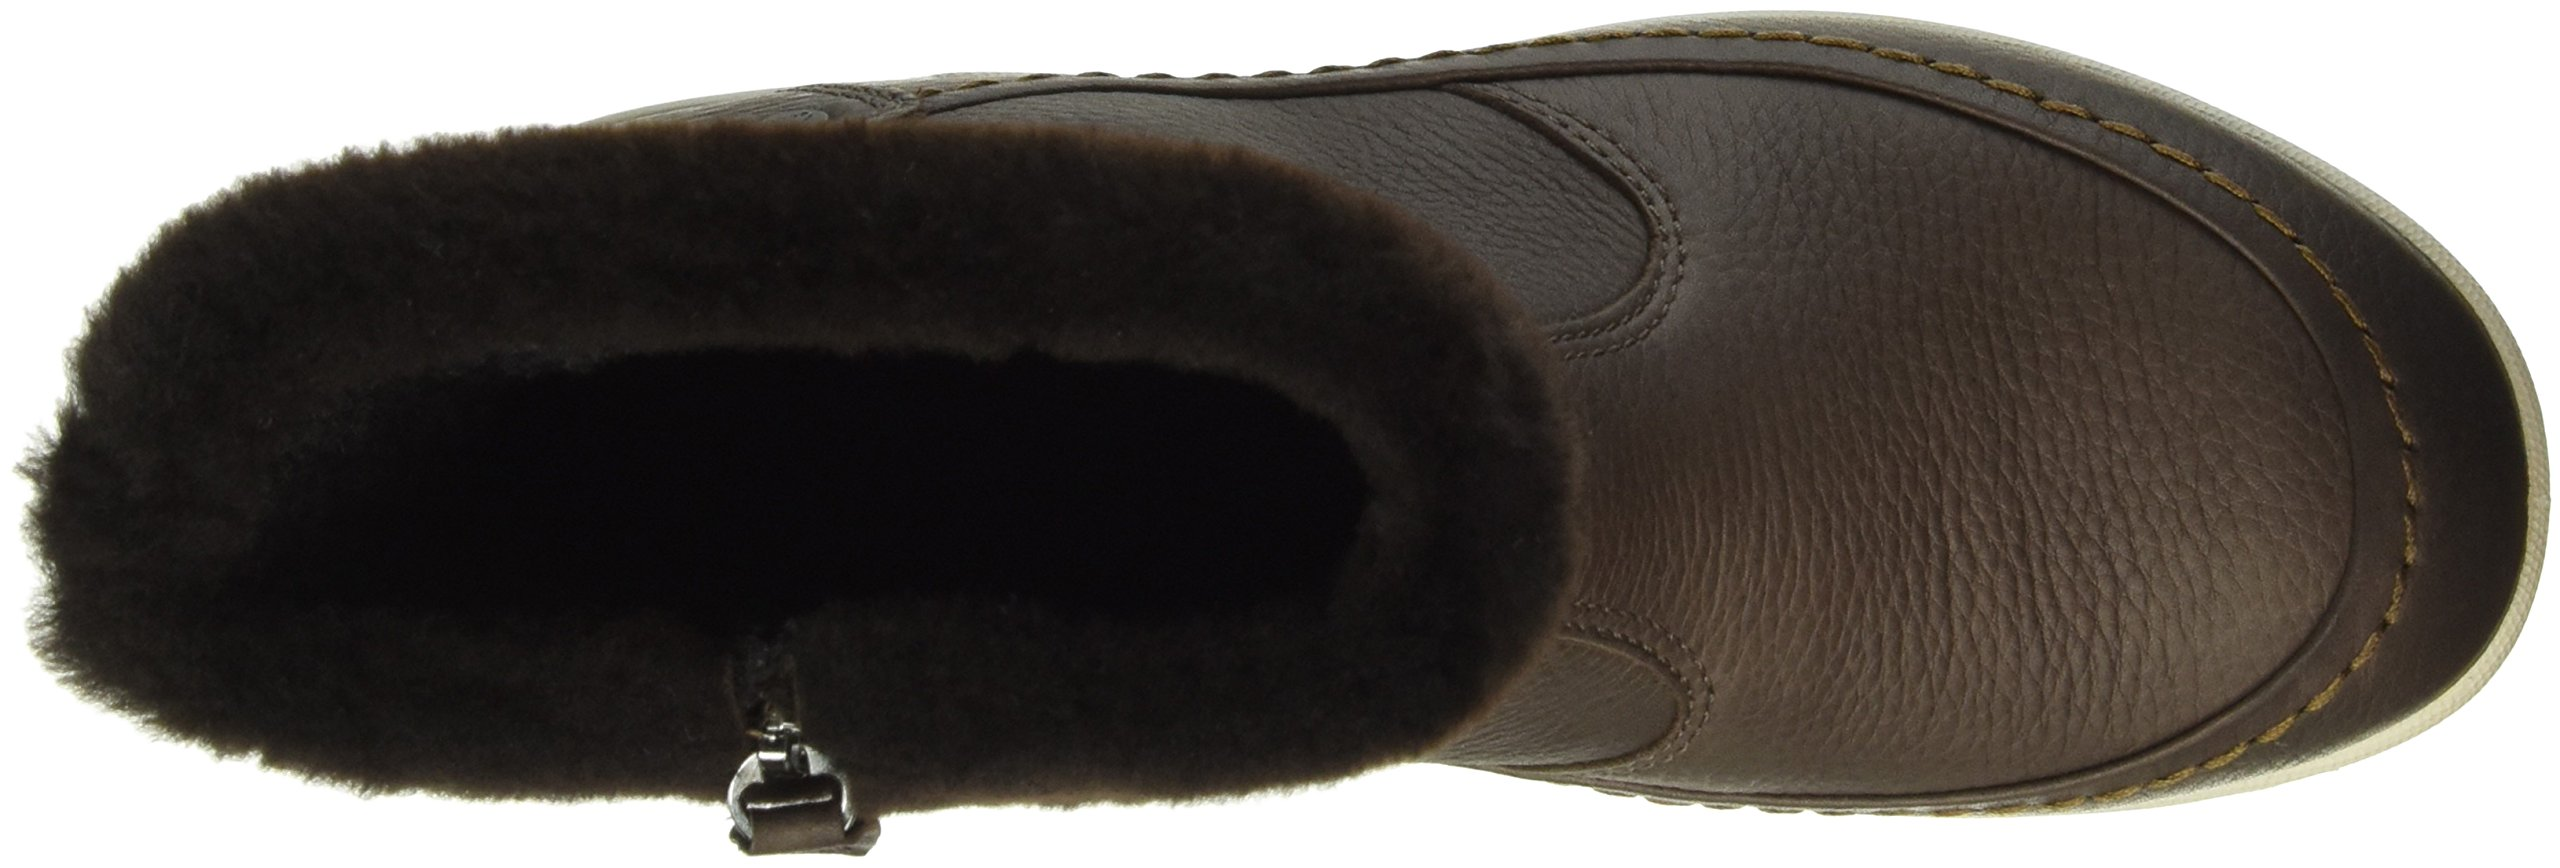 71Tj2rPkIYL - ECCO Women's Trace Boot-w Multisport Outdoor Shoes